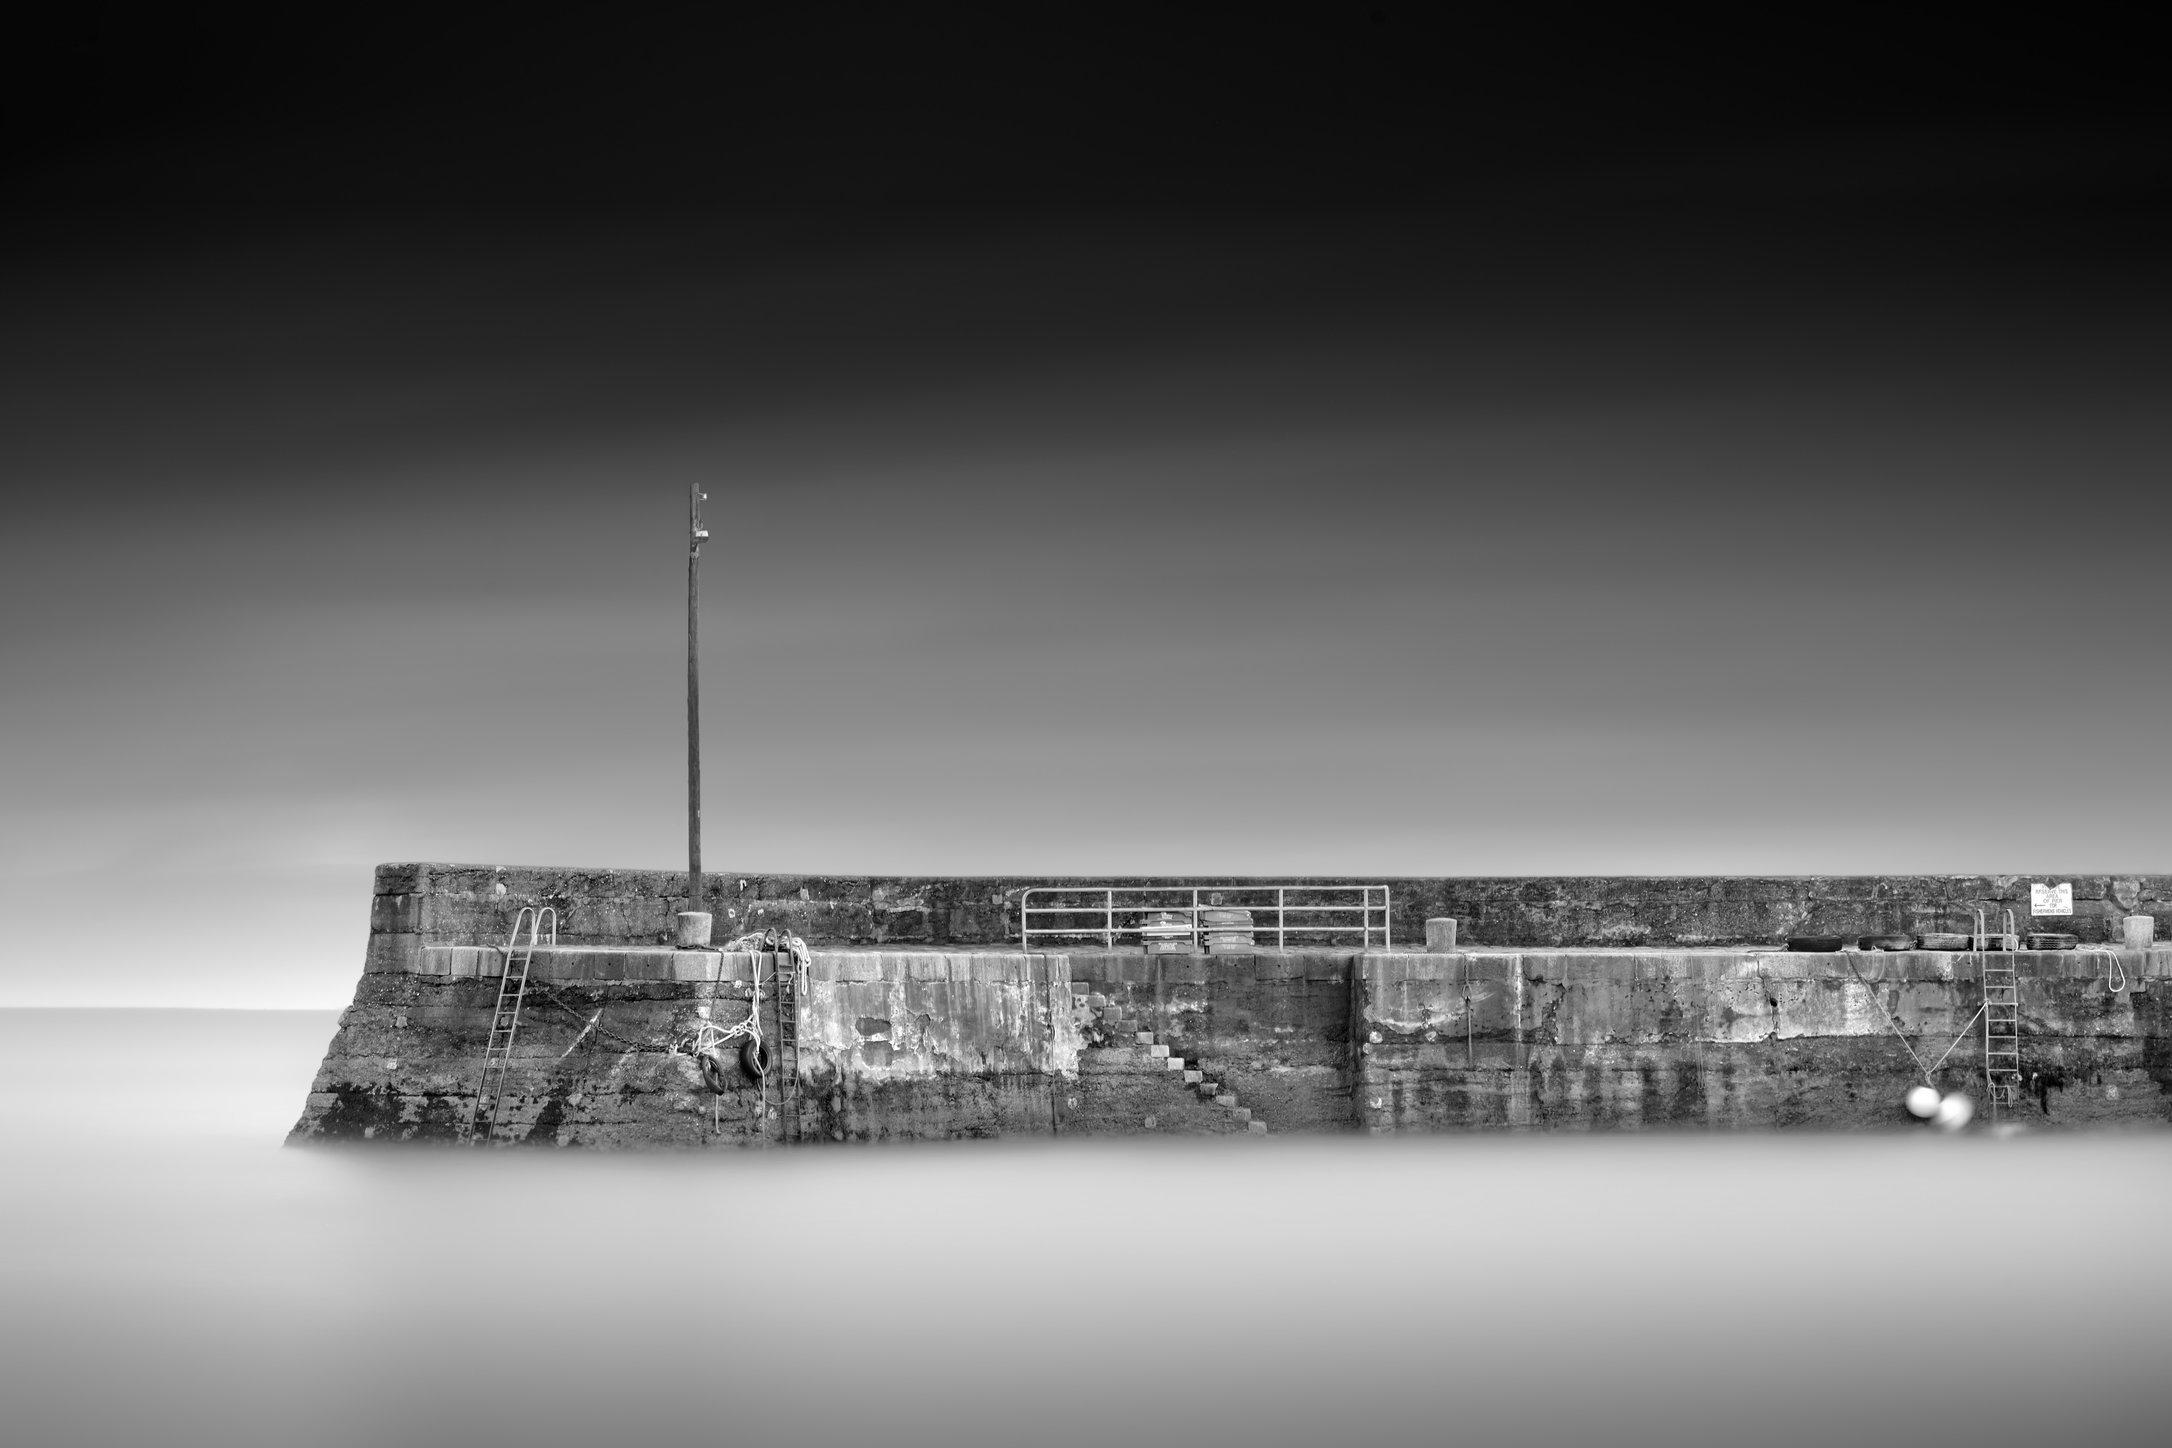 Boatstrand Pier, Copper Coast